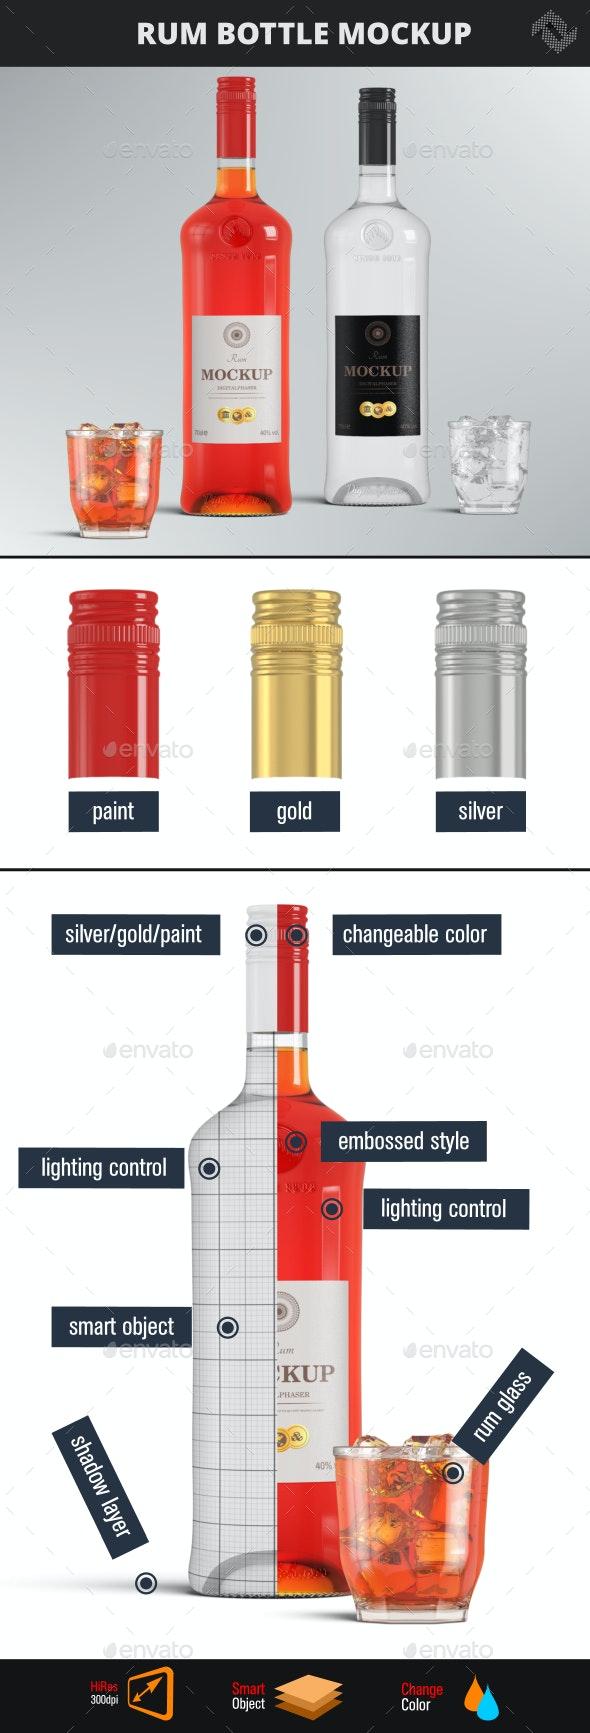 Rum Vodka Brandy Bottle Mockup - Food and Drink Packaging